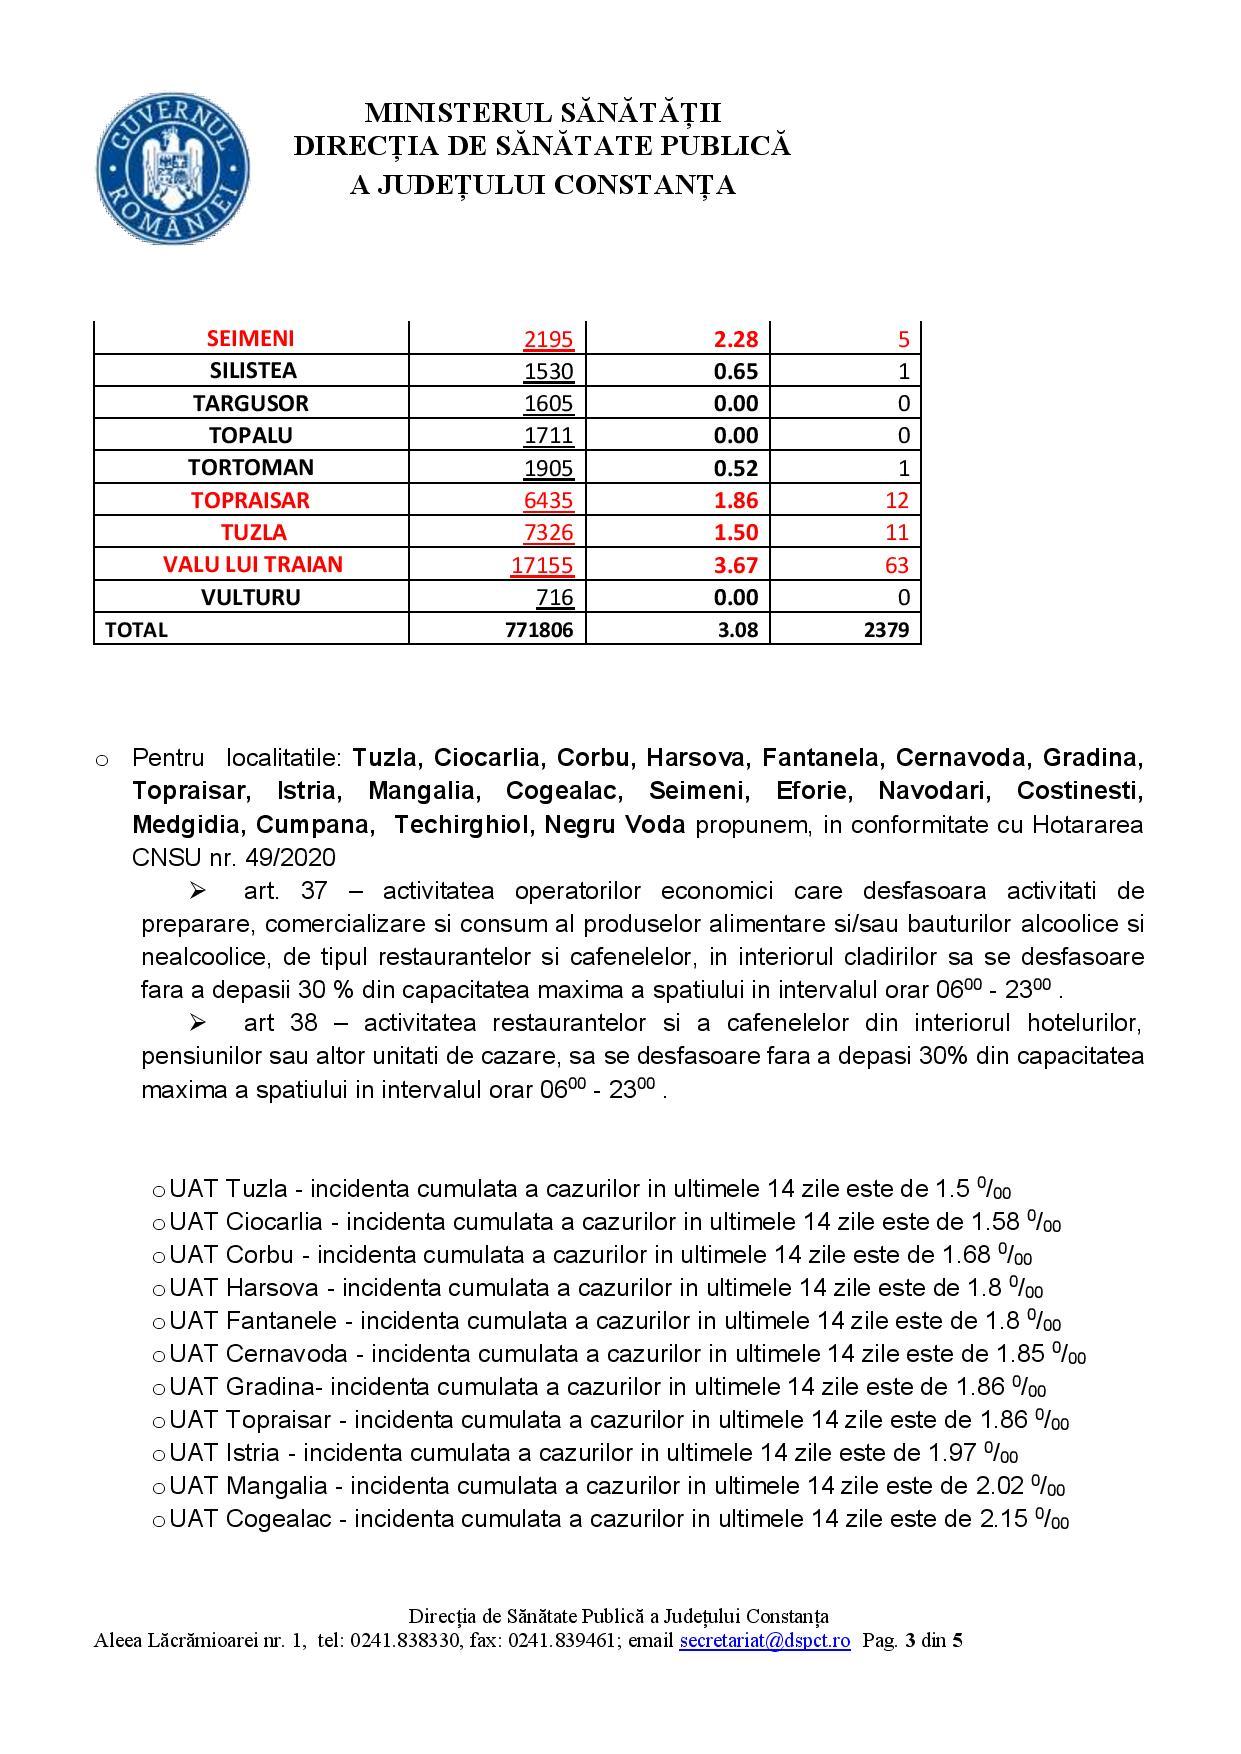 Județul Constanța a depășit pragul de 3 cazuri de coronavirus la mia de locuitori. Situația în fiecare localitate